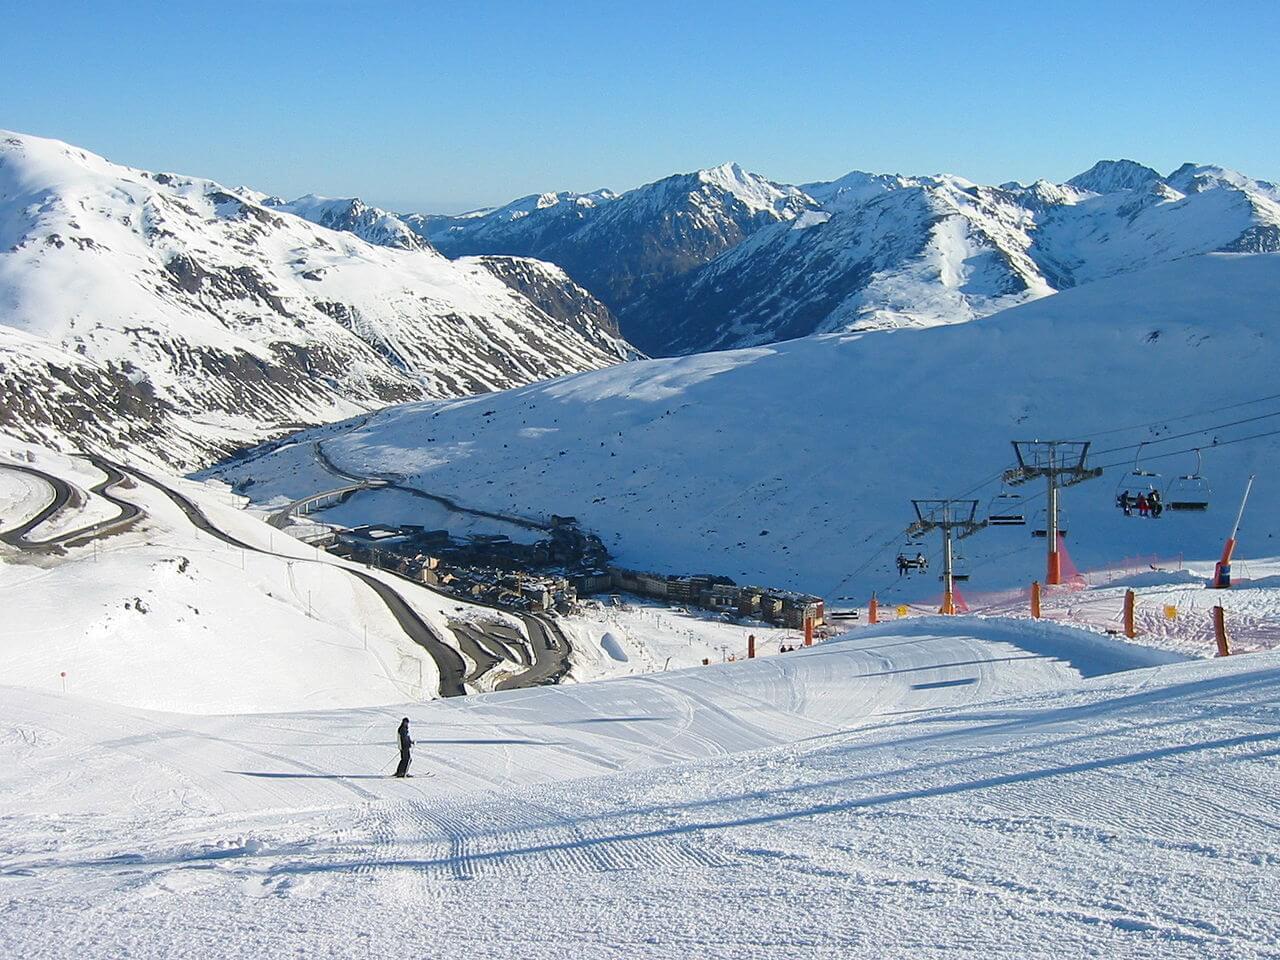 pas de la casa, andorra, skien in andorra, skien andorra, flowtrack snow